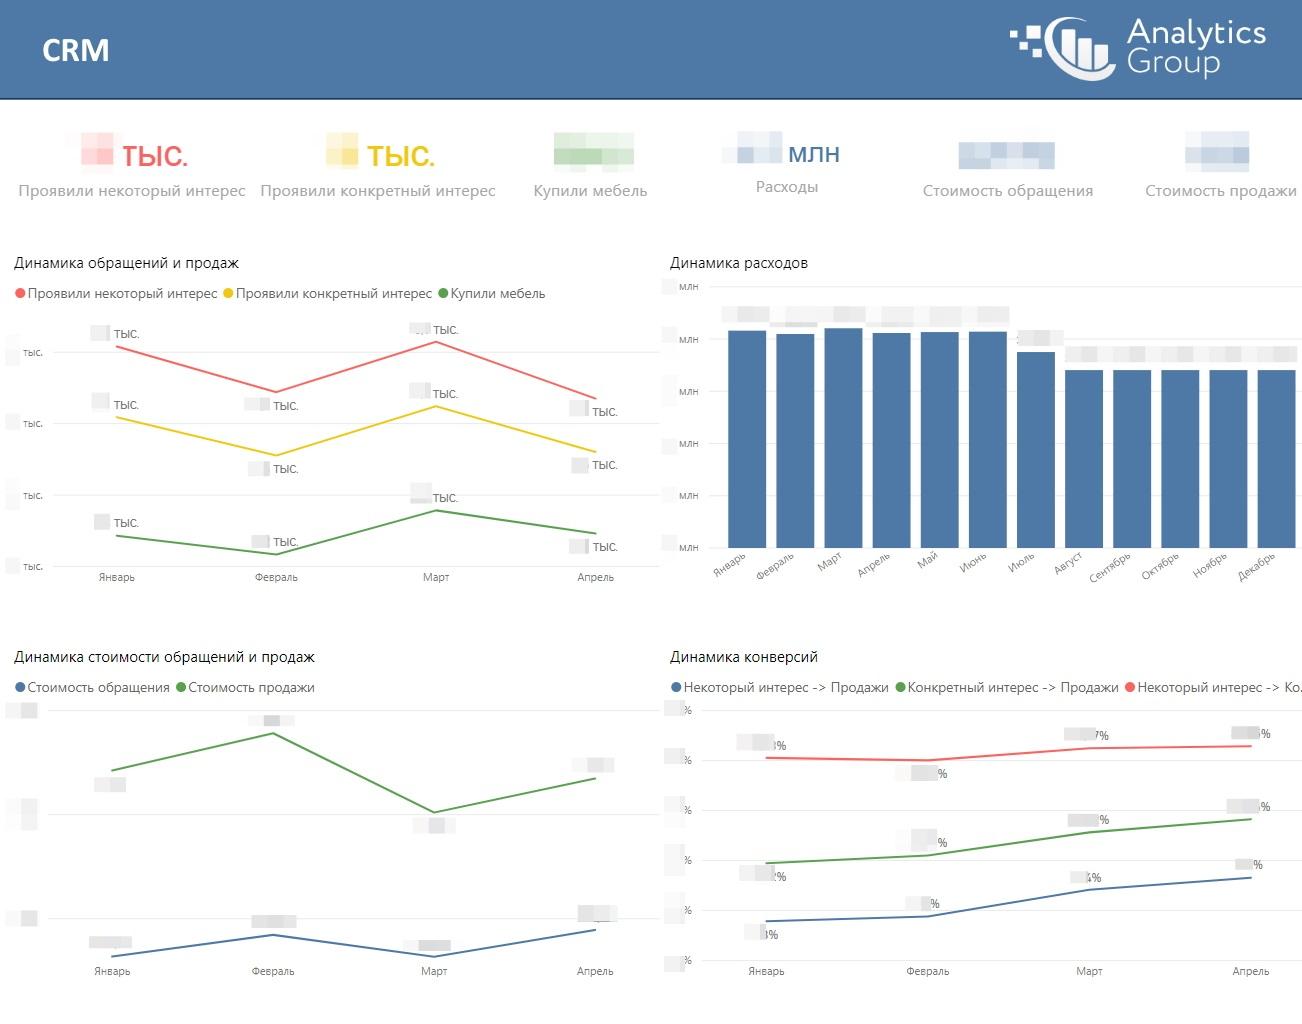 Отчет для рекламных агентств от Analytics Group